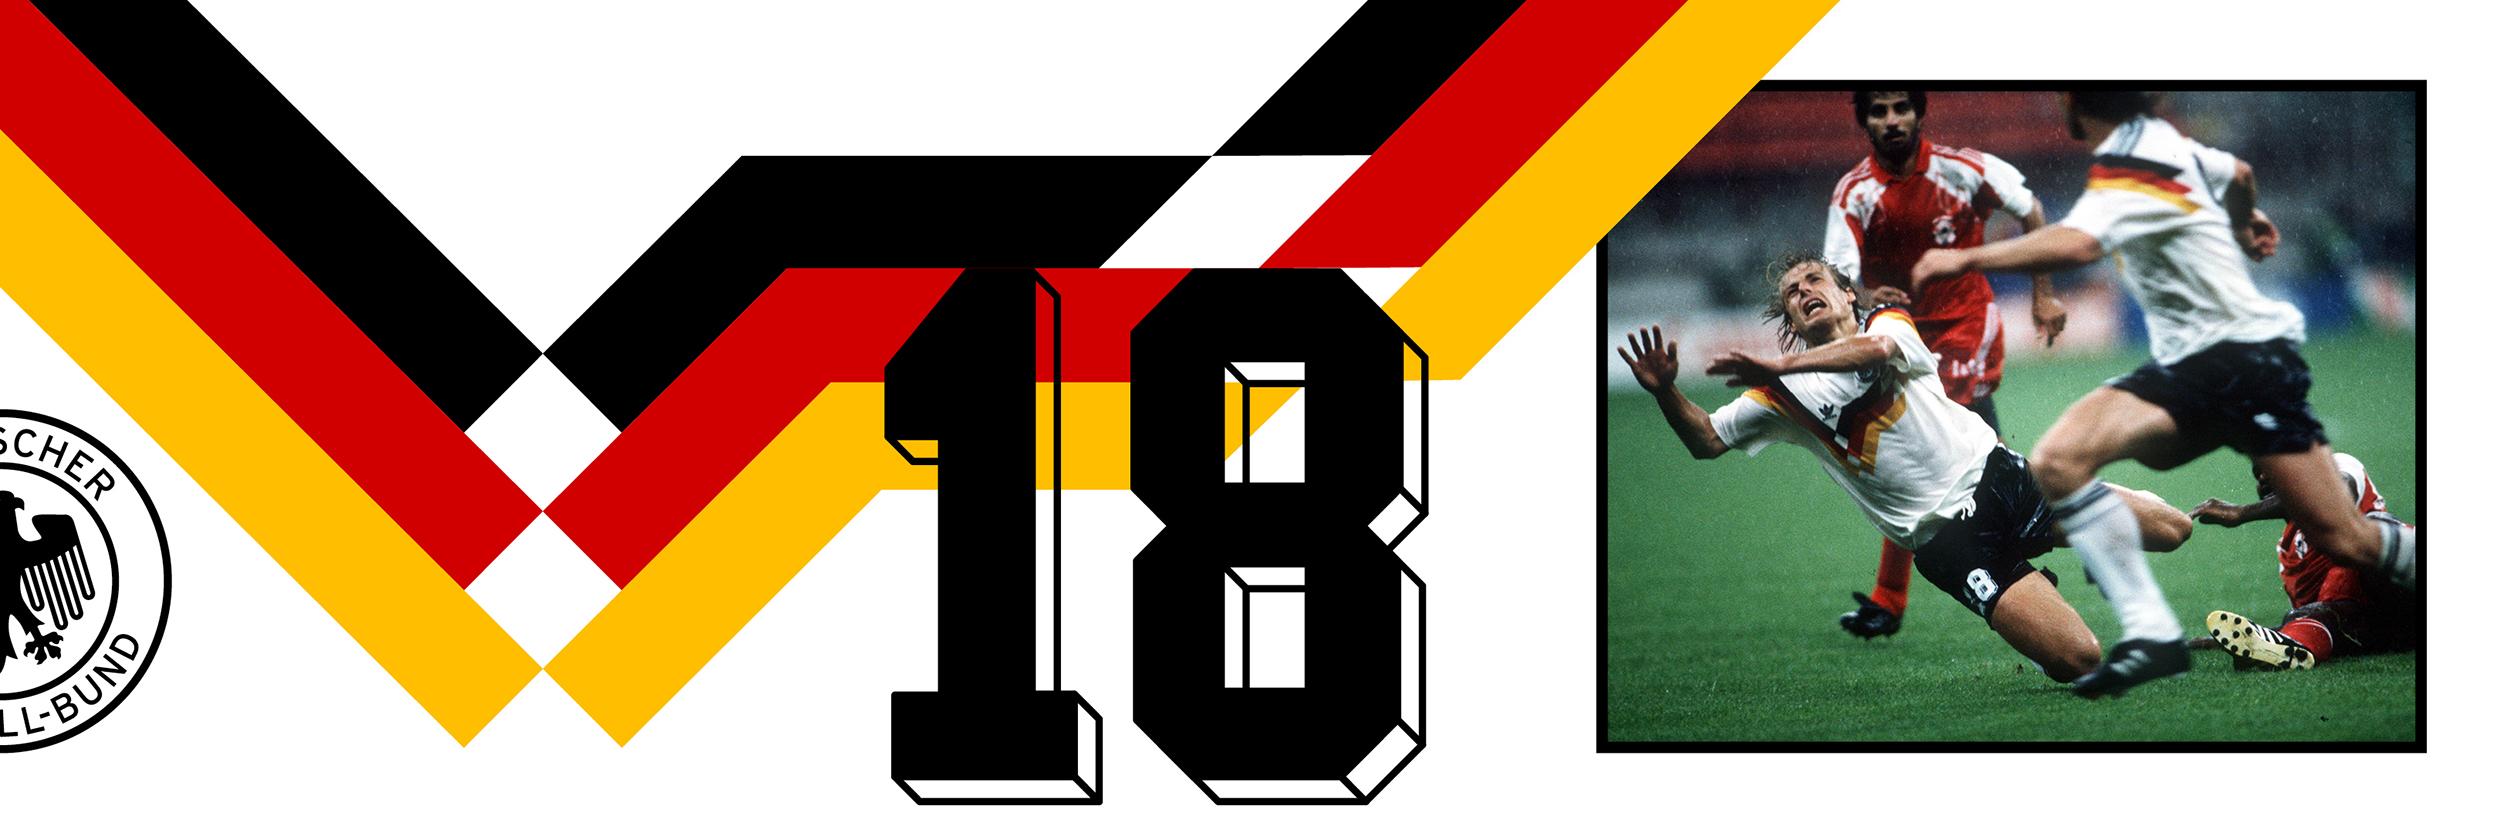 Klinsmann 1990 for Squadrophenia